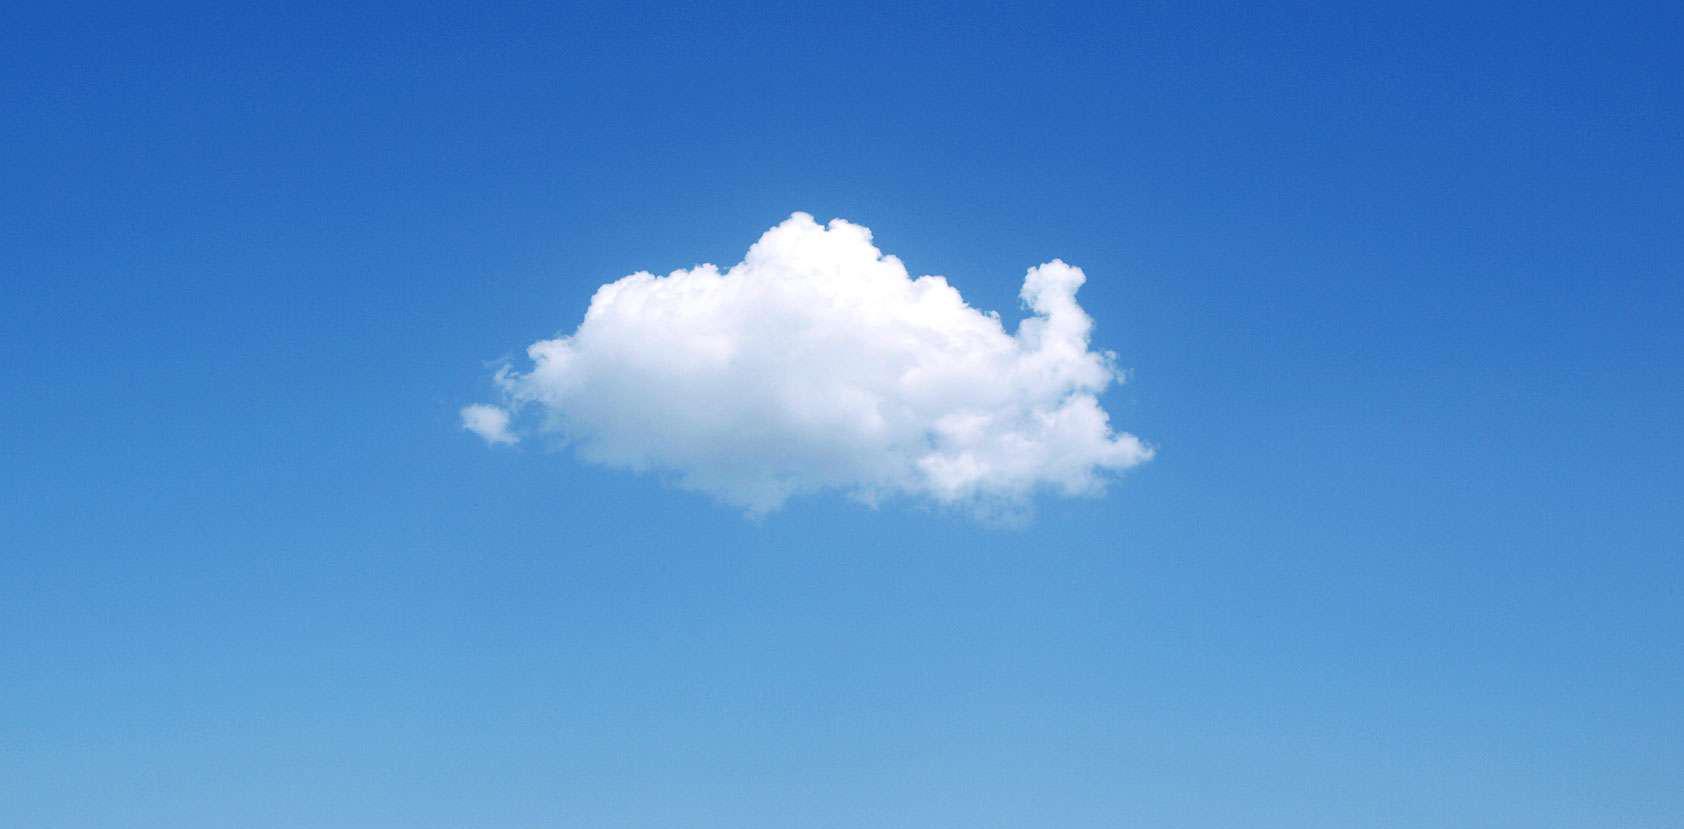 بازی جدید من: طعم ابرها و بقیهی چیزها